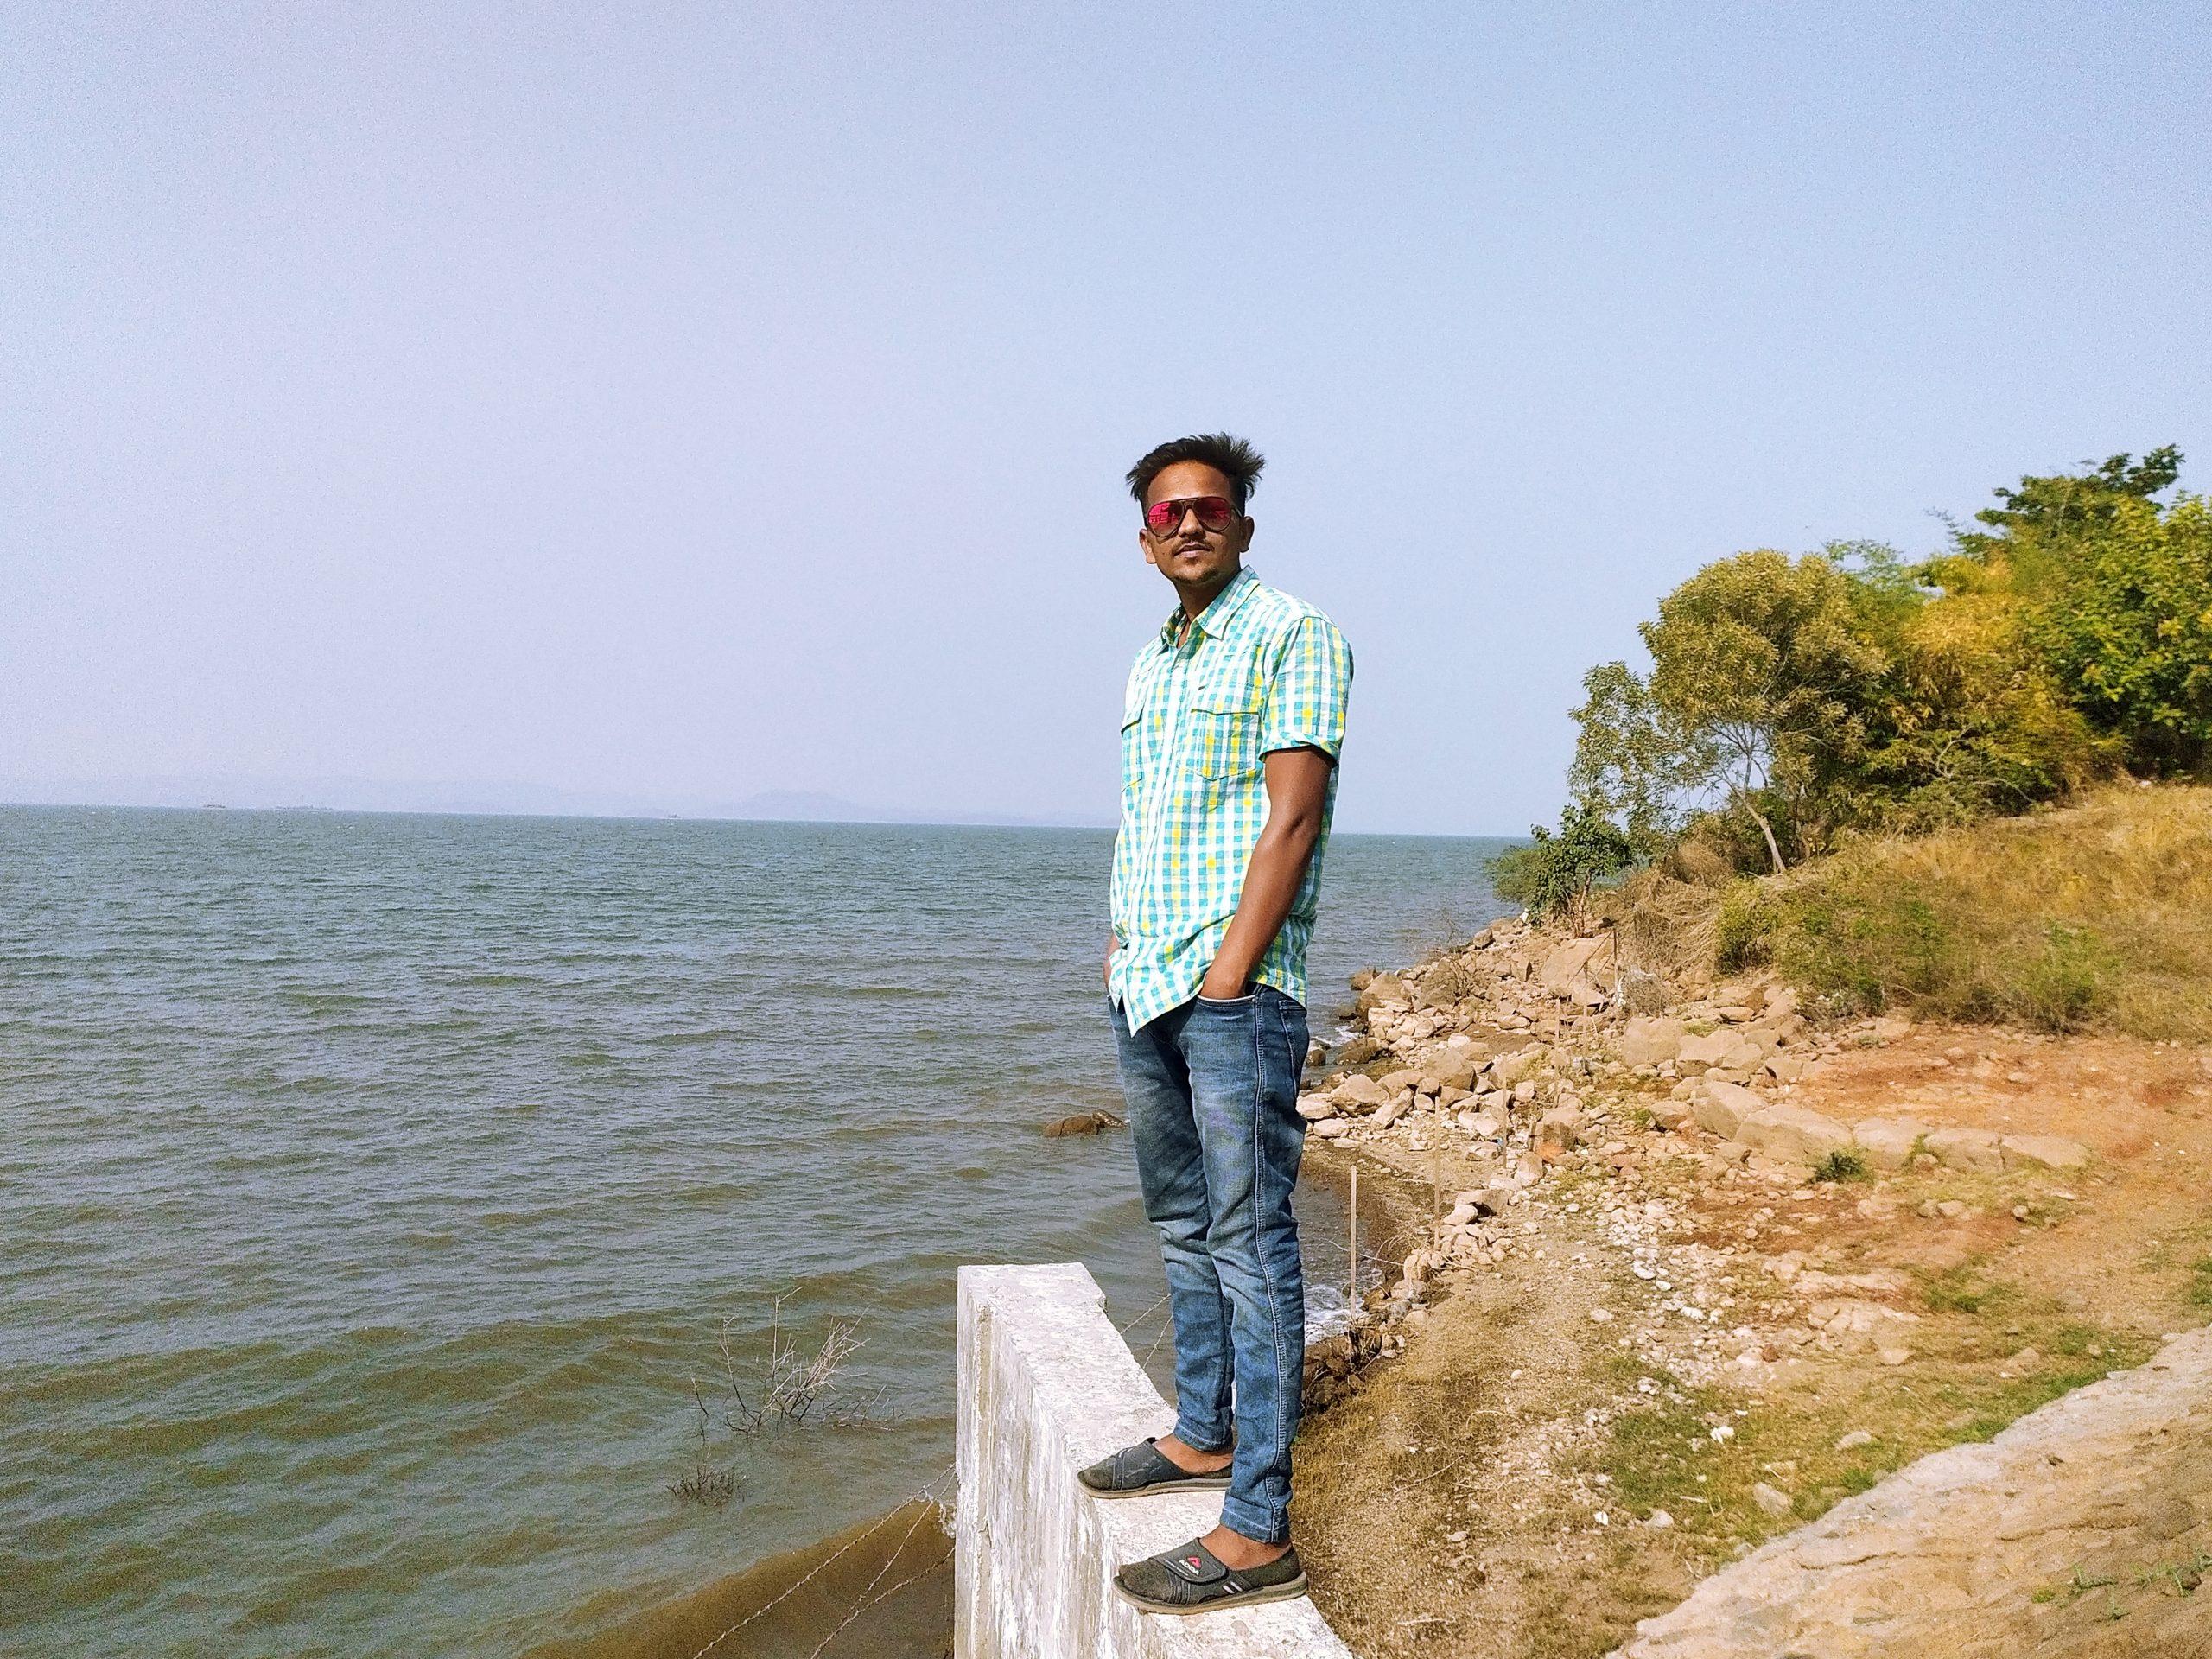 A boy at a seashore